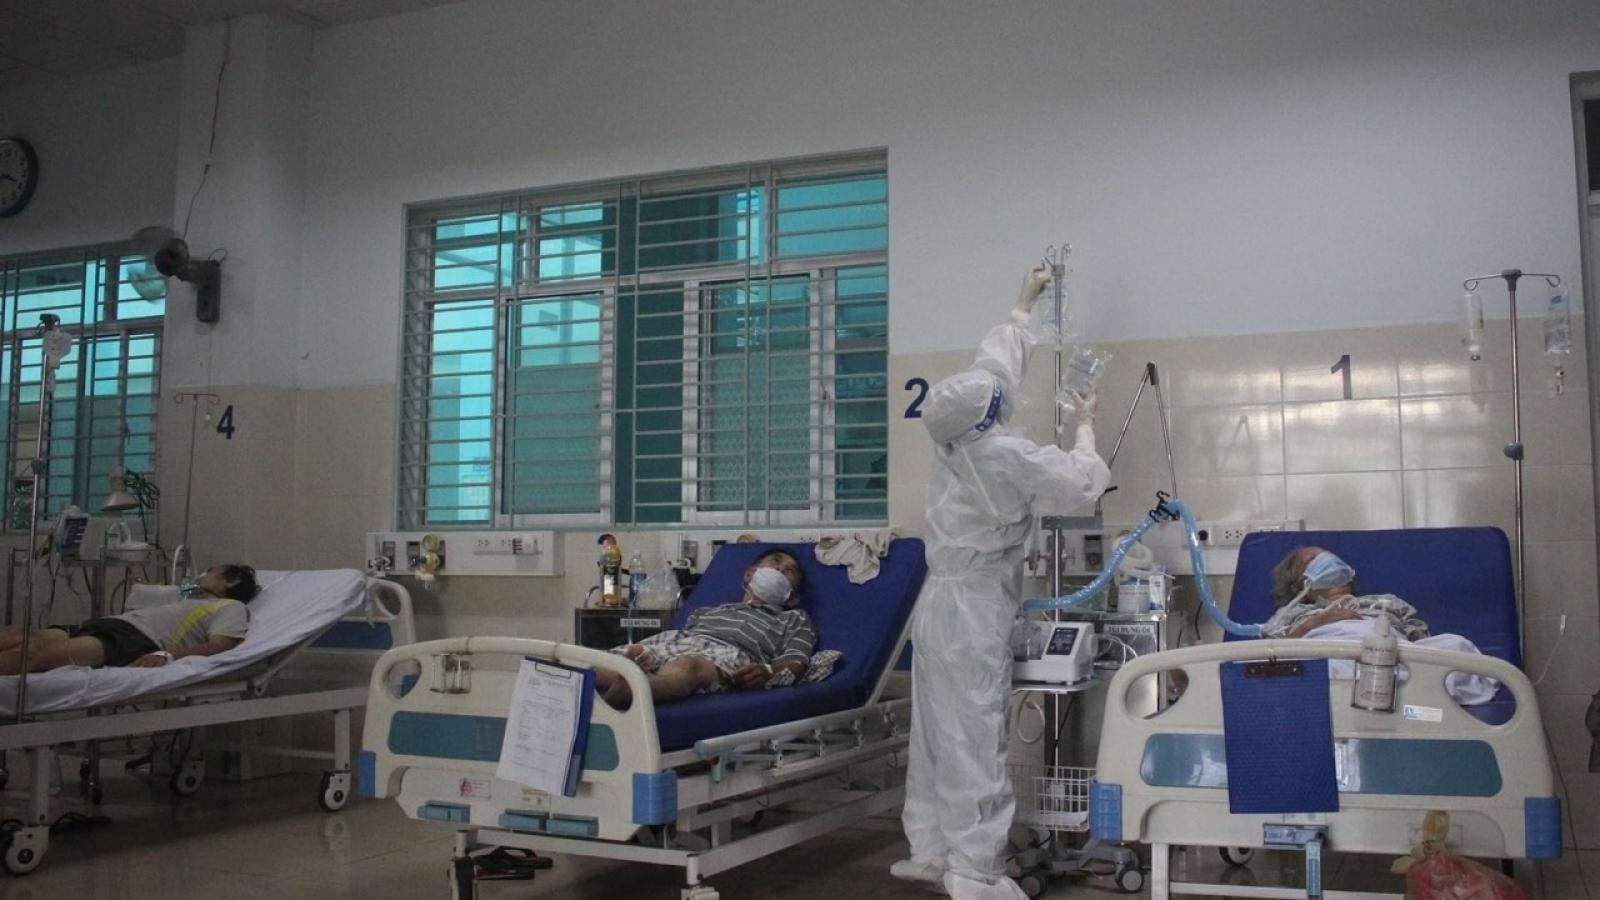 Sở Y tế TP.HCM thu hồi gấp văn bản chỉ định mua thuốc điều trị Covid-19